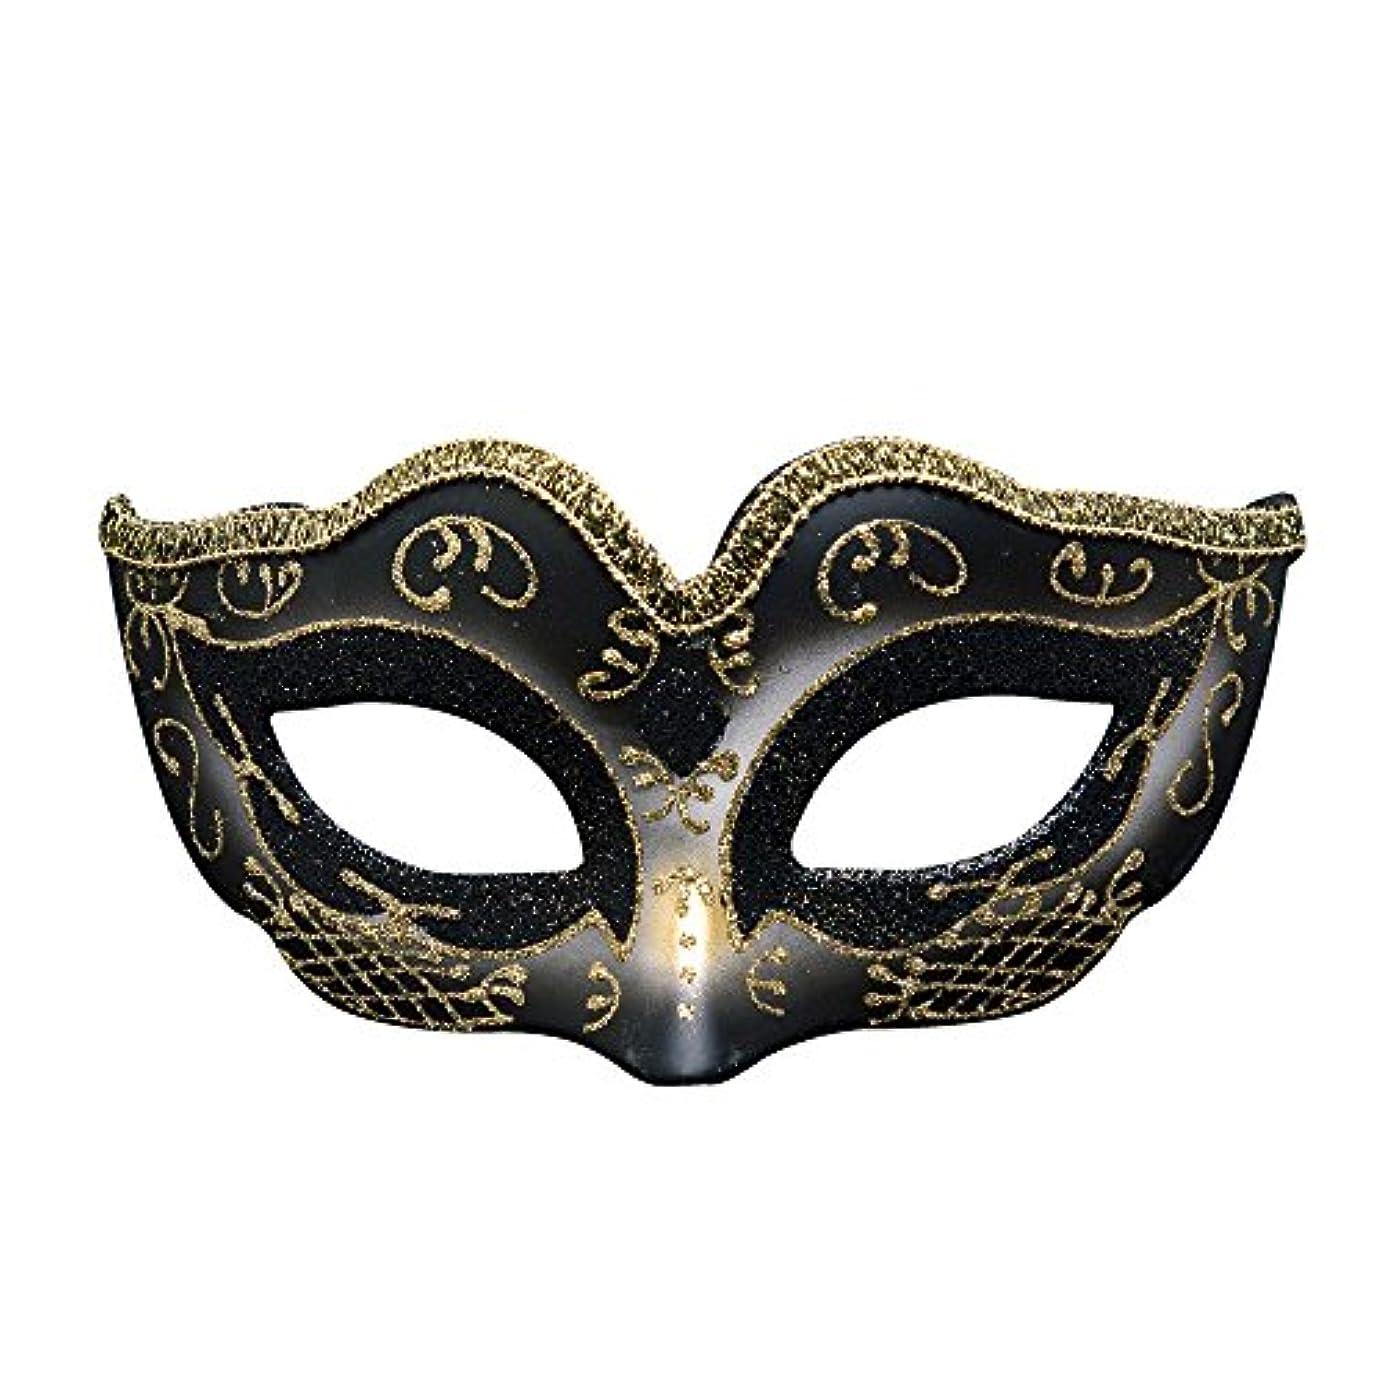 縁石突撃ポスト印象派クリエイティブカスタム子供のなりすましパーティーハロウィーンマスククリスマス雰囲気マスク (Color : F)